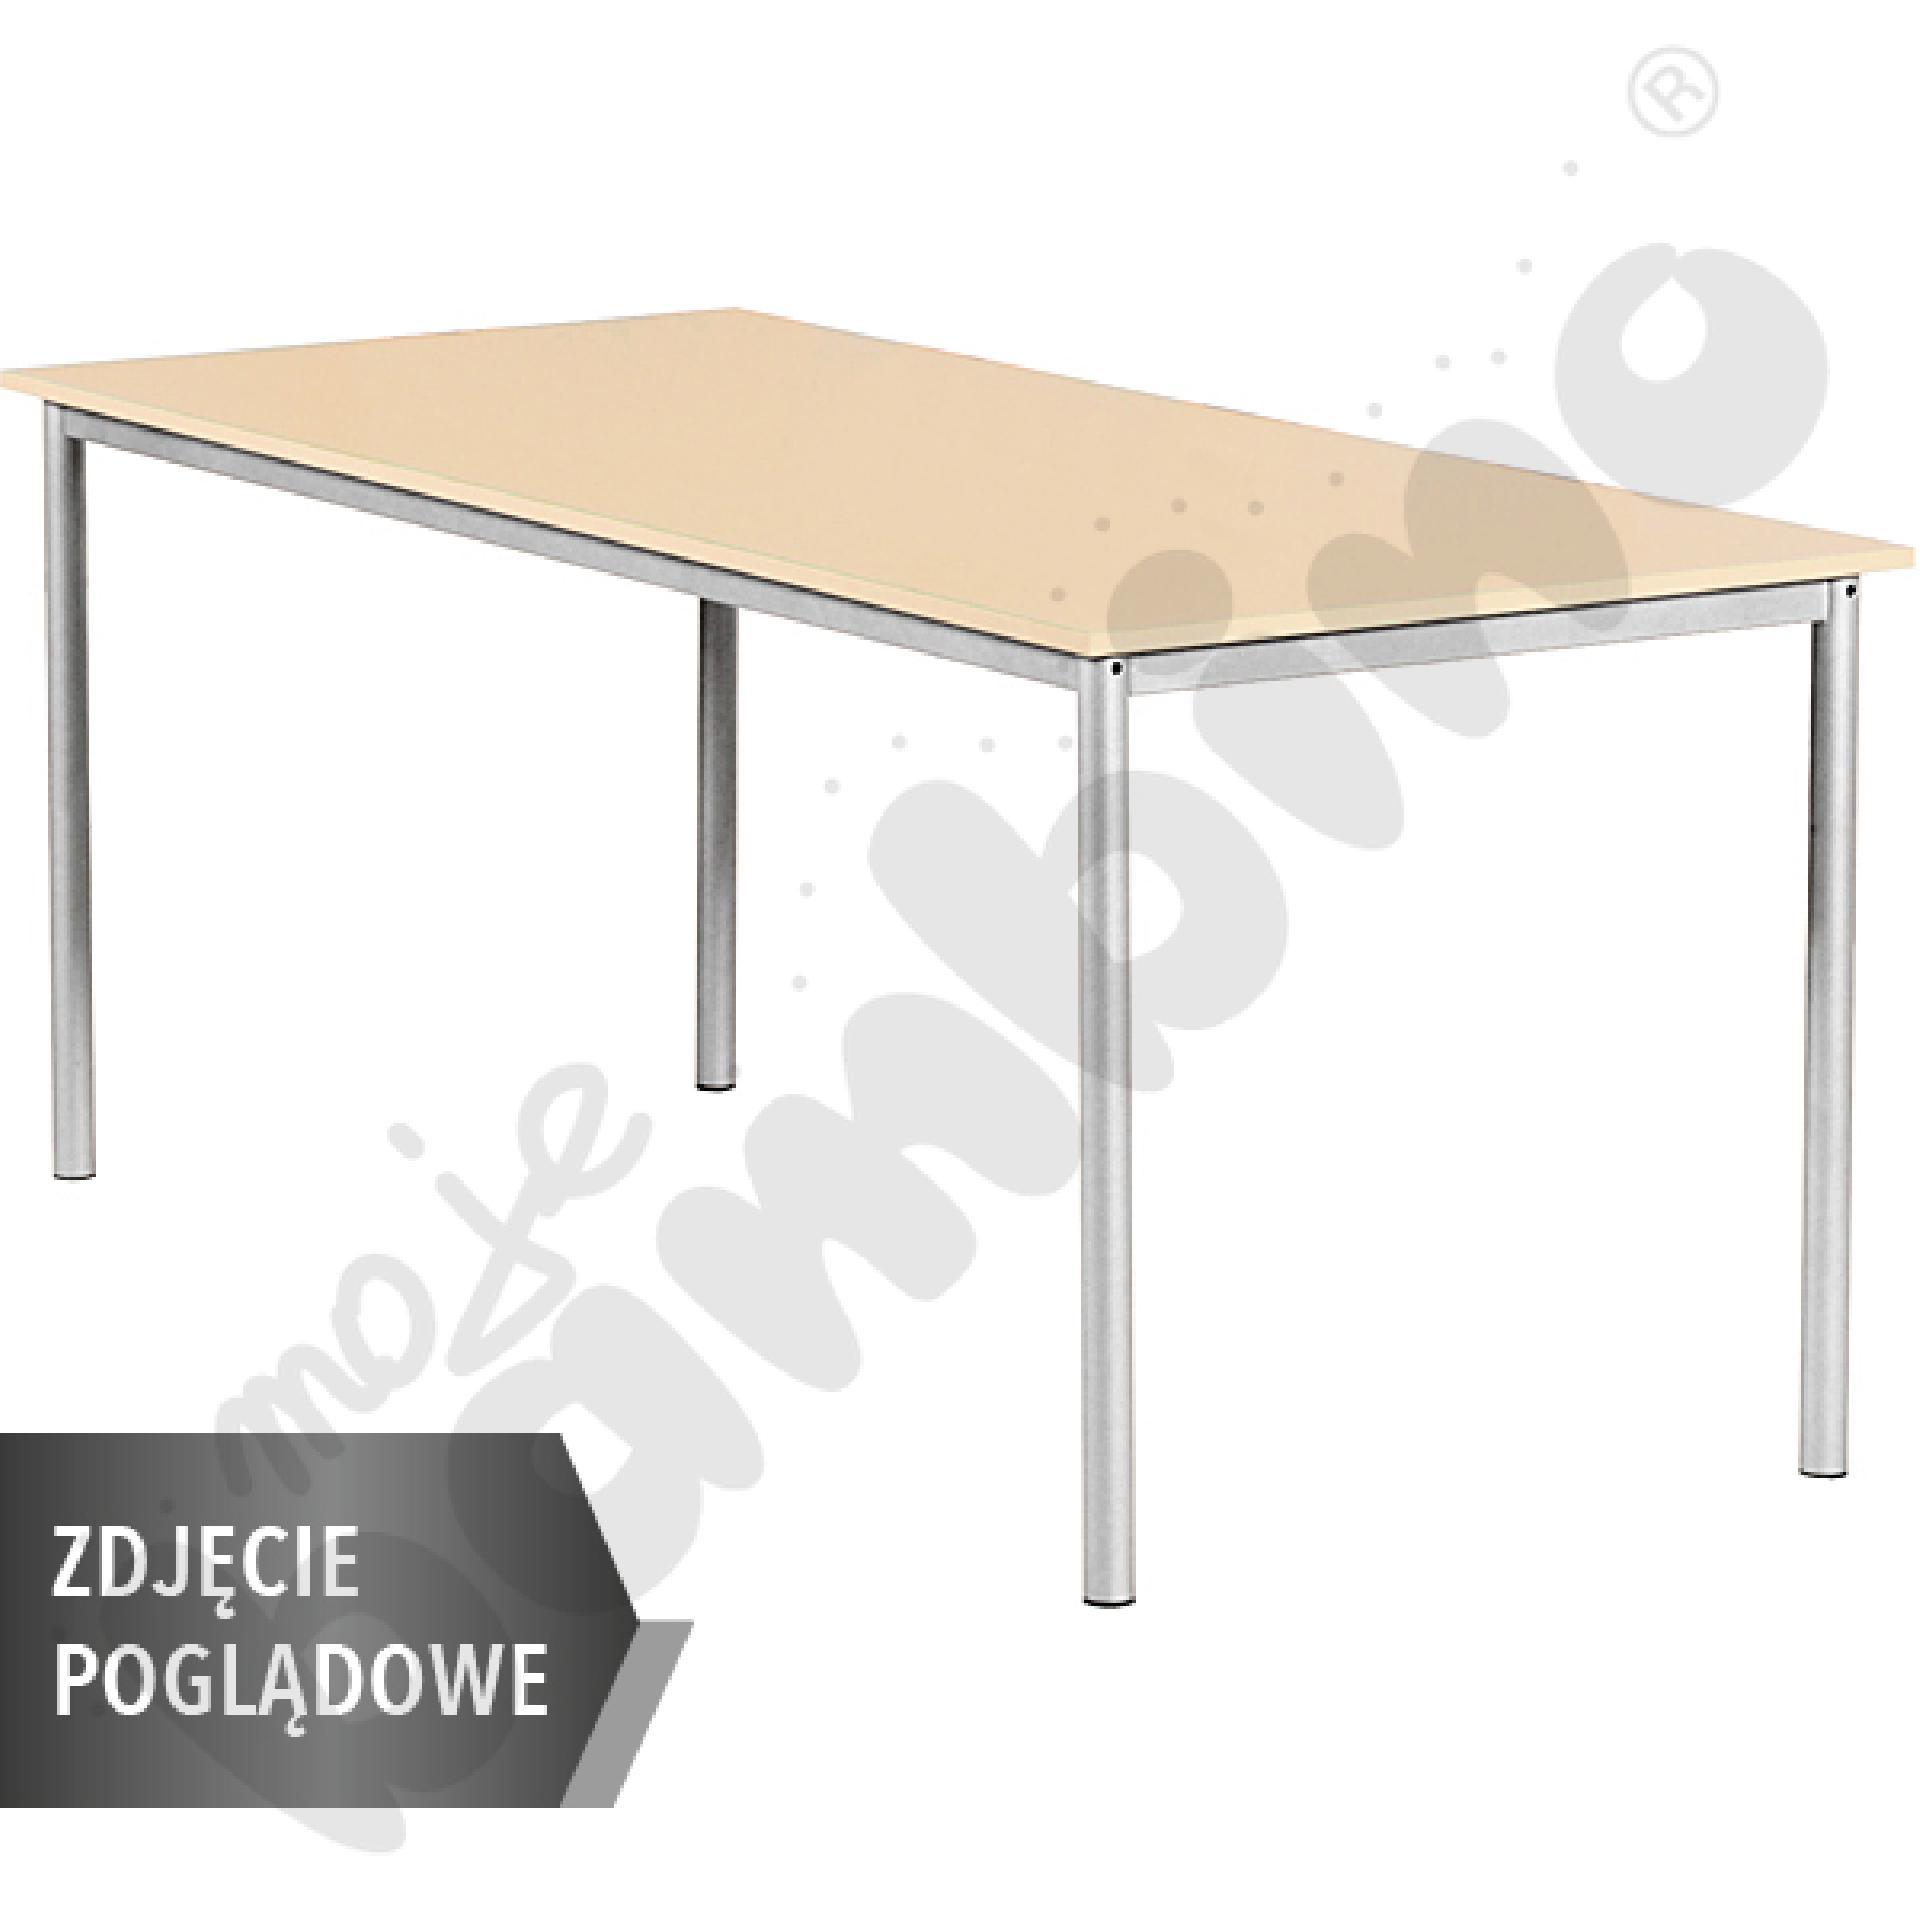 Stół Mila 160x80 rozm. 6, 8os., stelaż zielony, blat szary, obrzeże ABS, narożniki proste